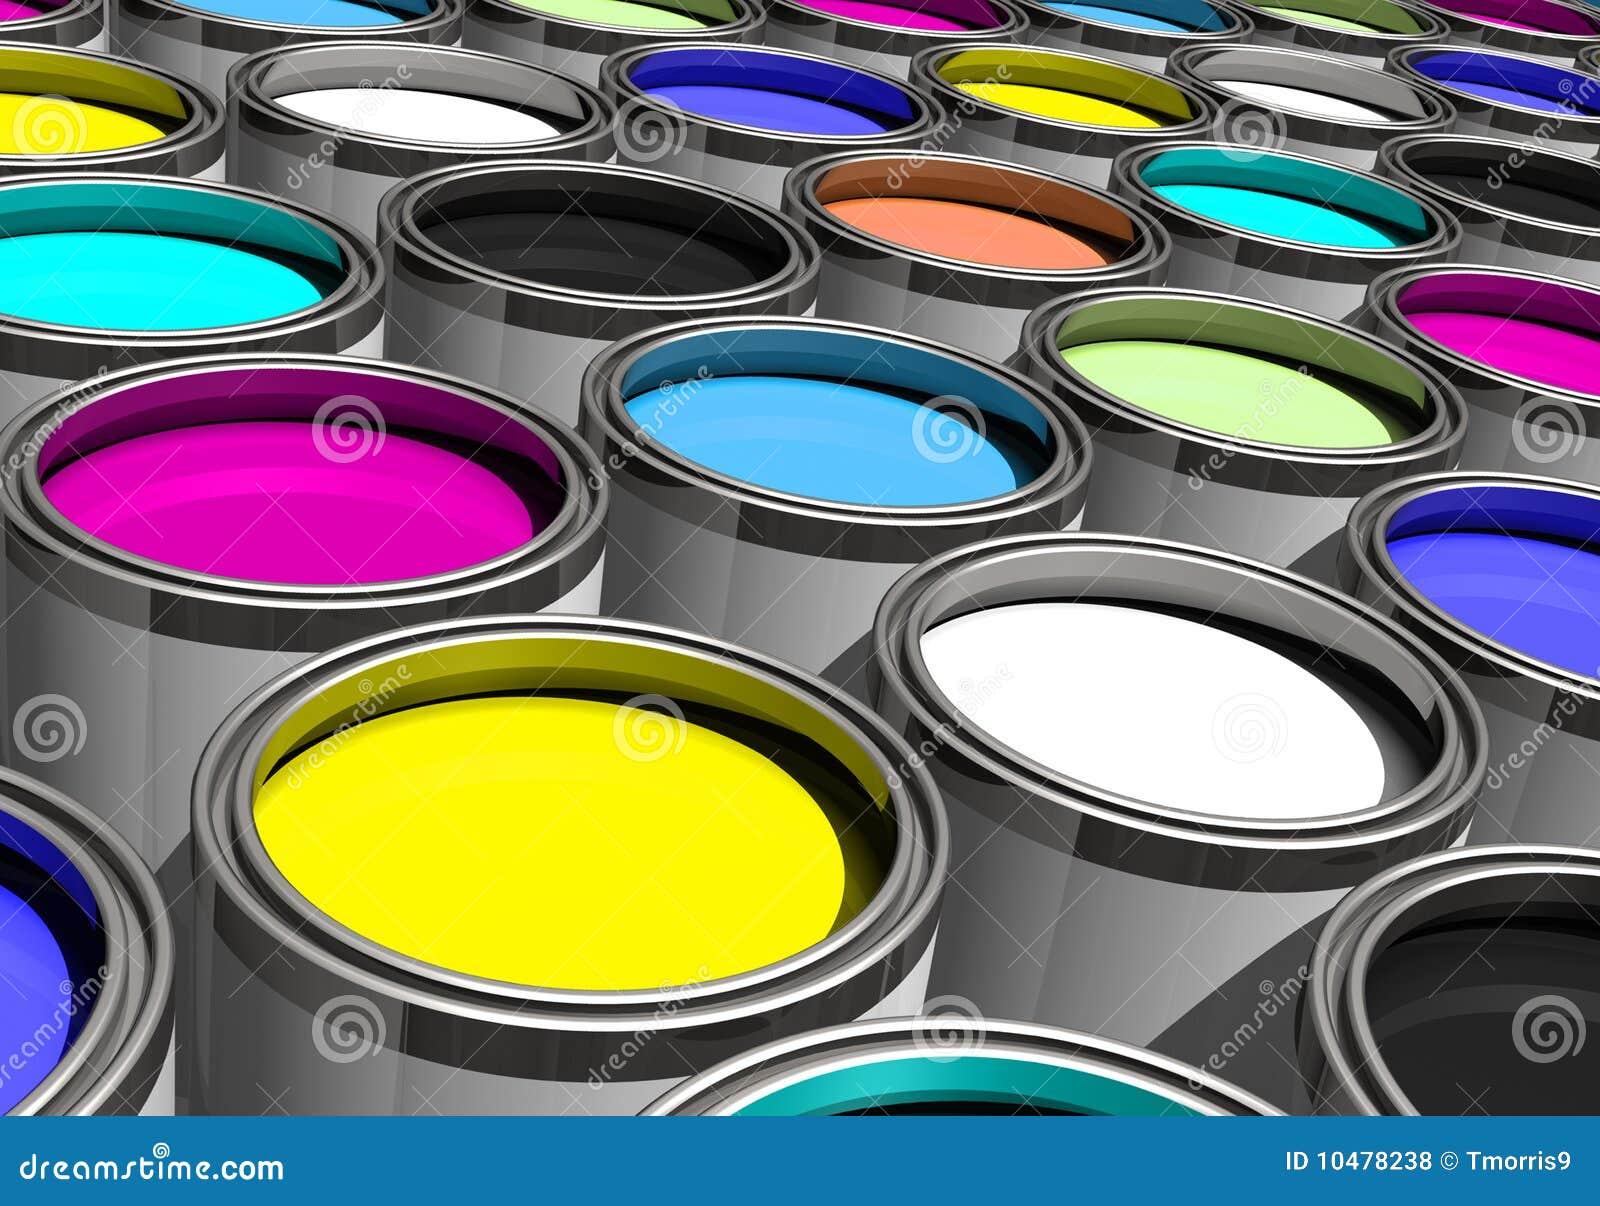 Pinturas de muchos colores inclinados fotos de archivo for Pinturas bruguer colores